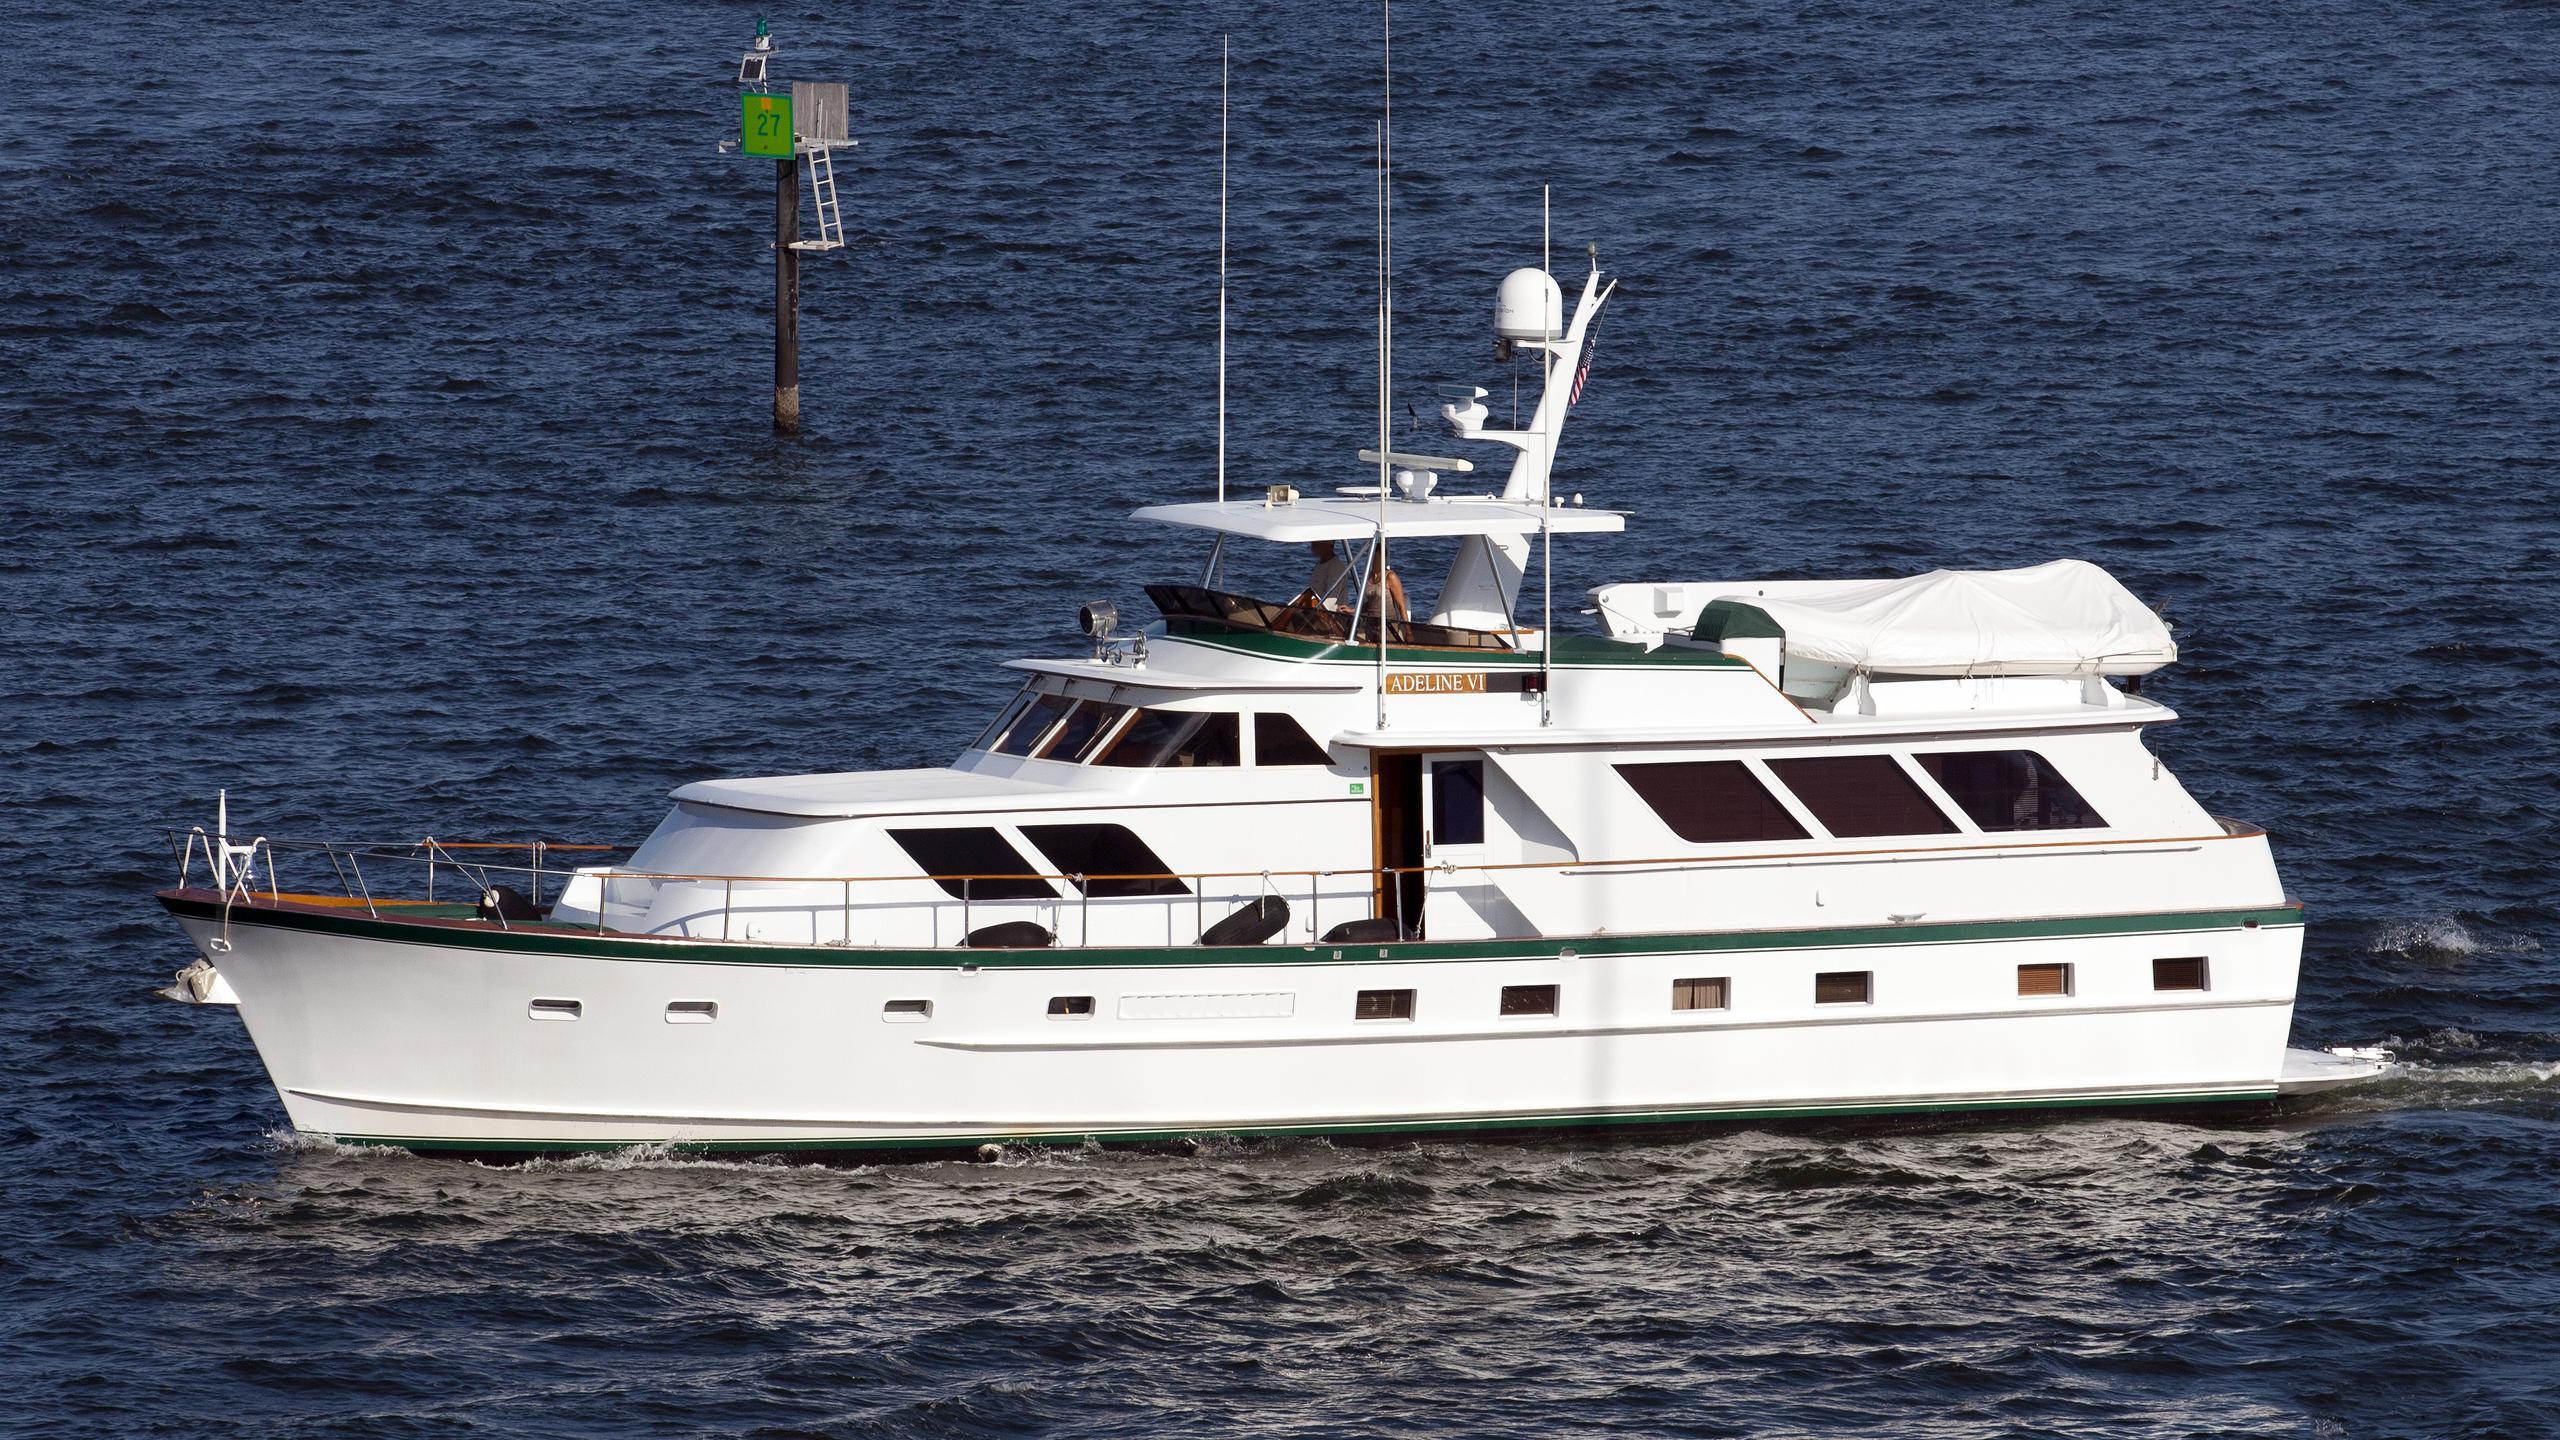 patience motoryacht broward 25m 1982 profile before stern refit